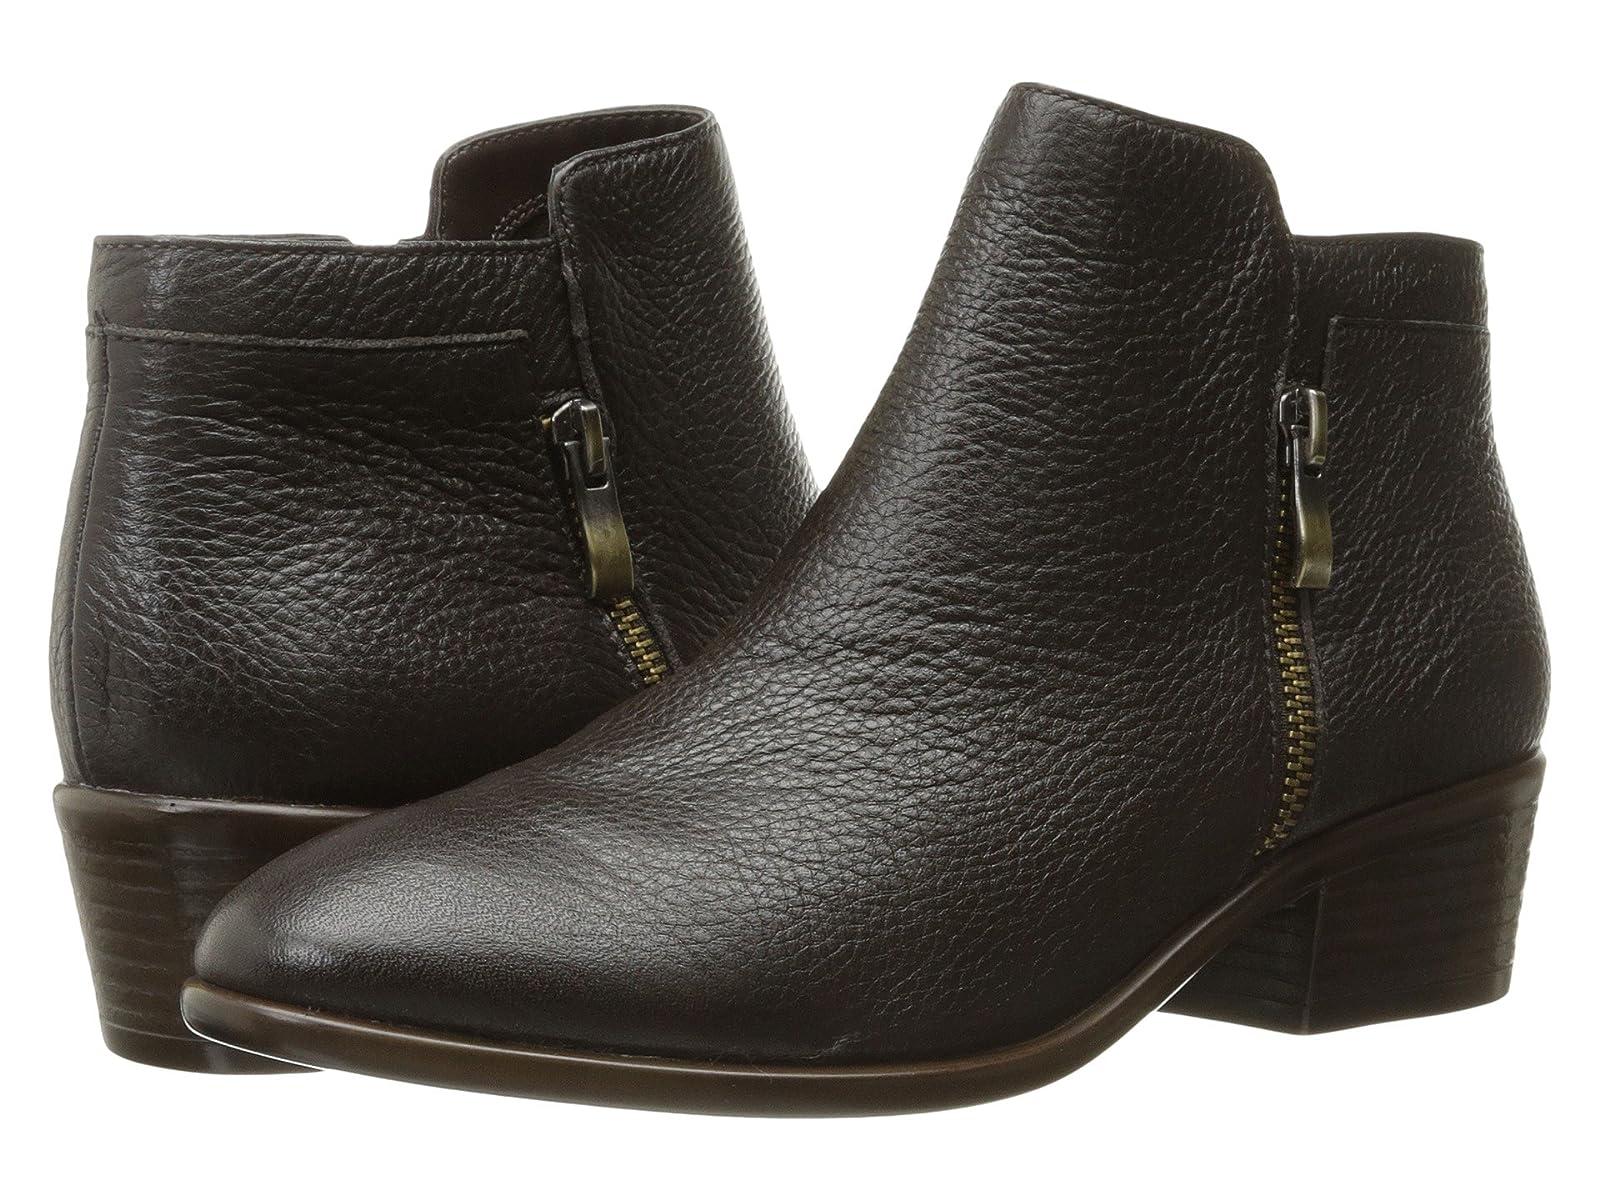 Aerosoles MythologyCheap and distinctive eye-catching shoes